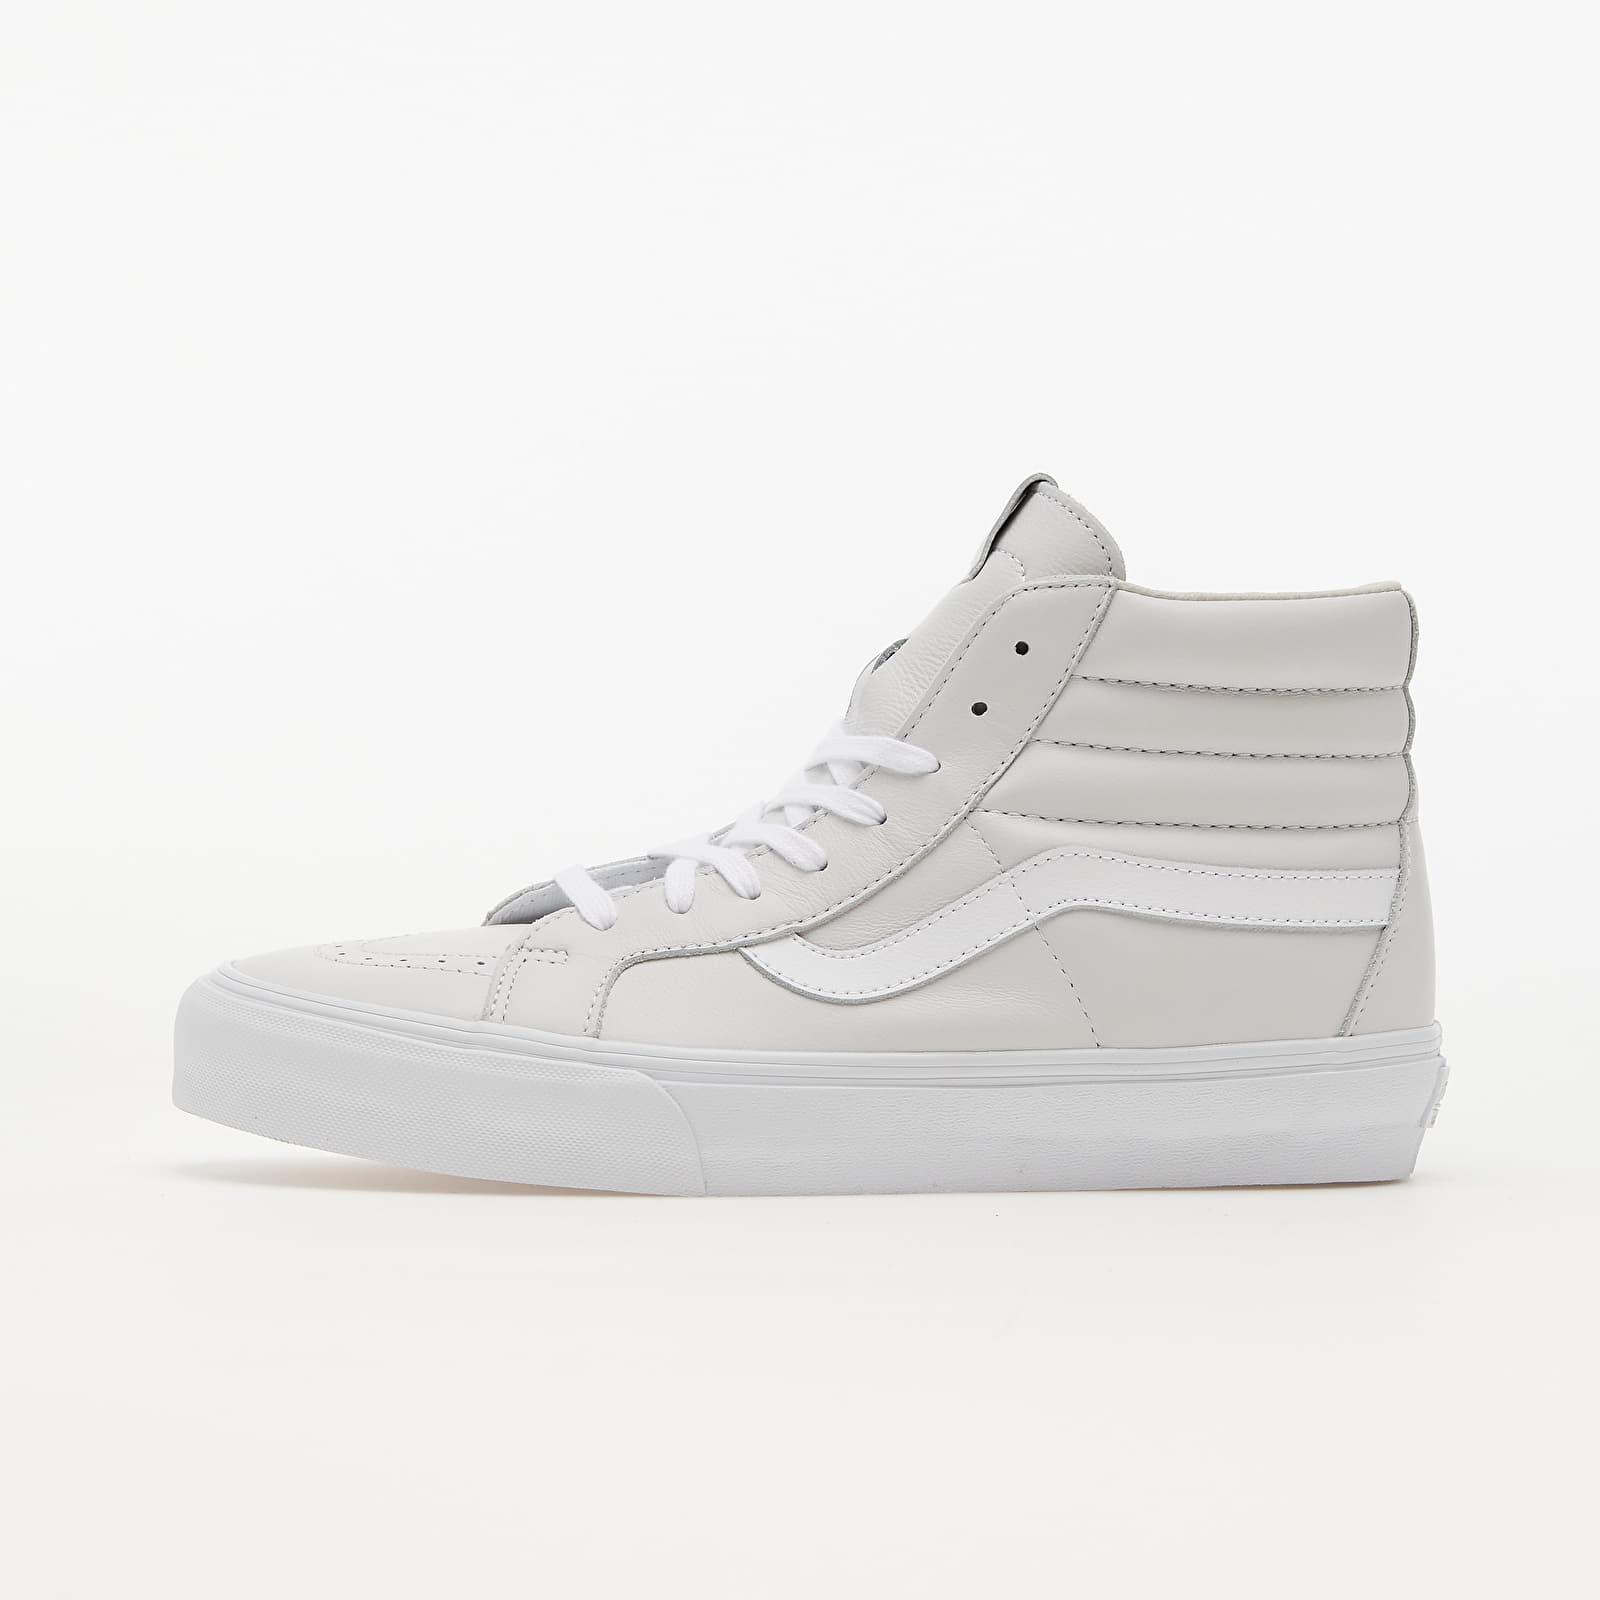 Vans Sk8-Hi Reissue VL (Dream Leather) True White EUR 43